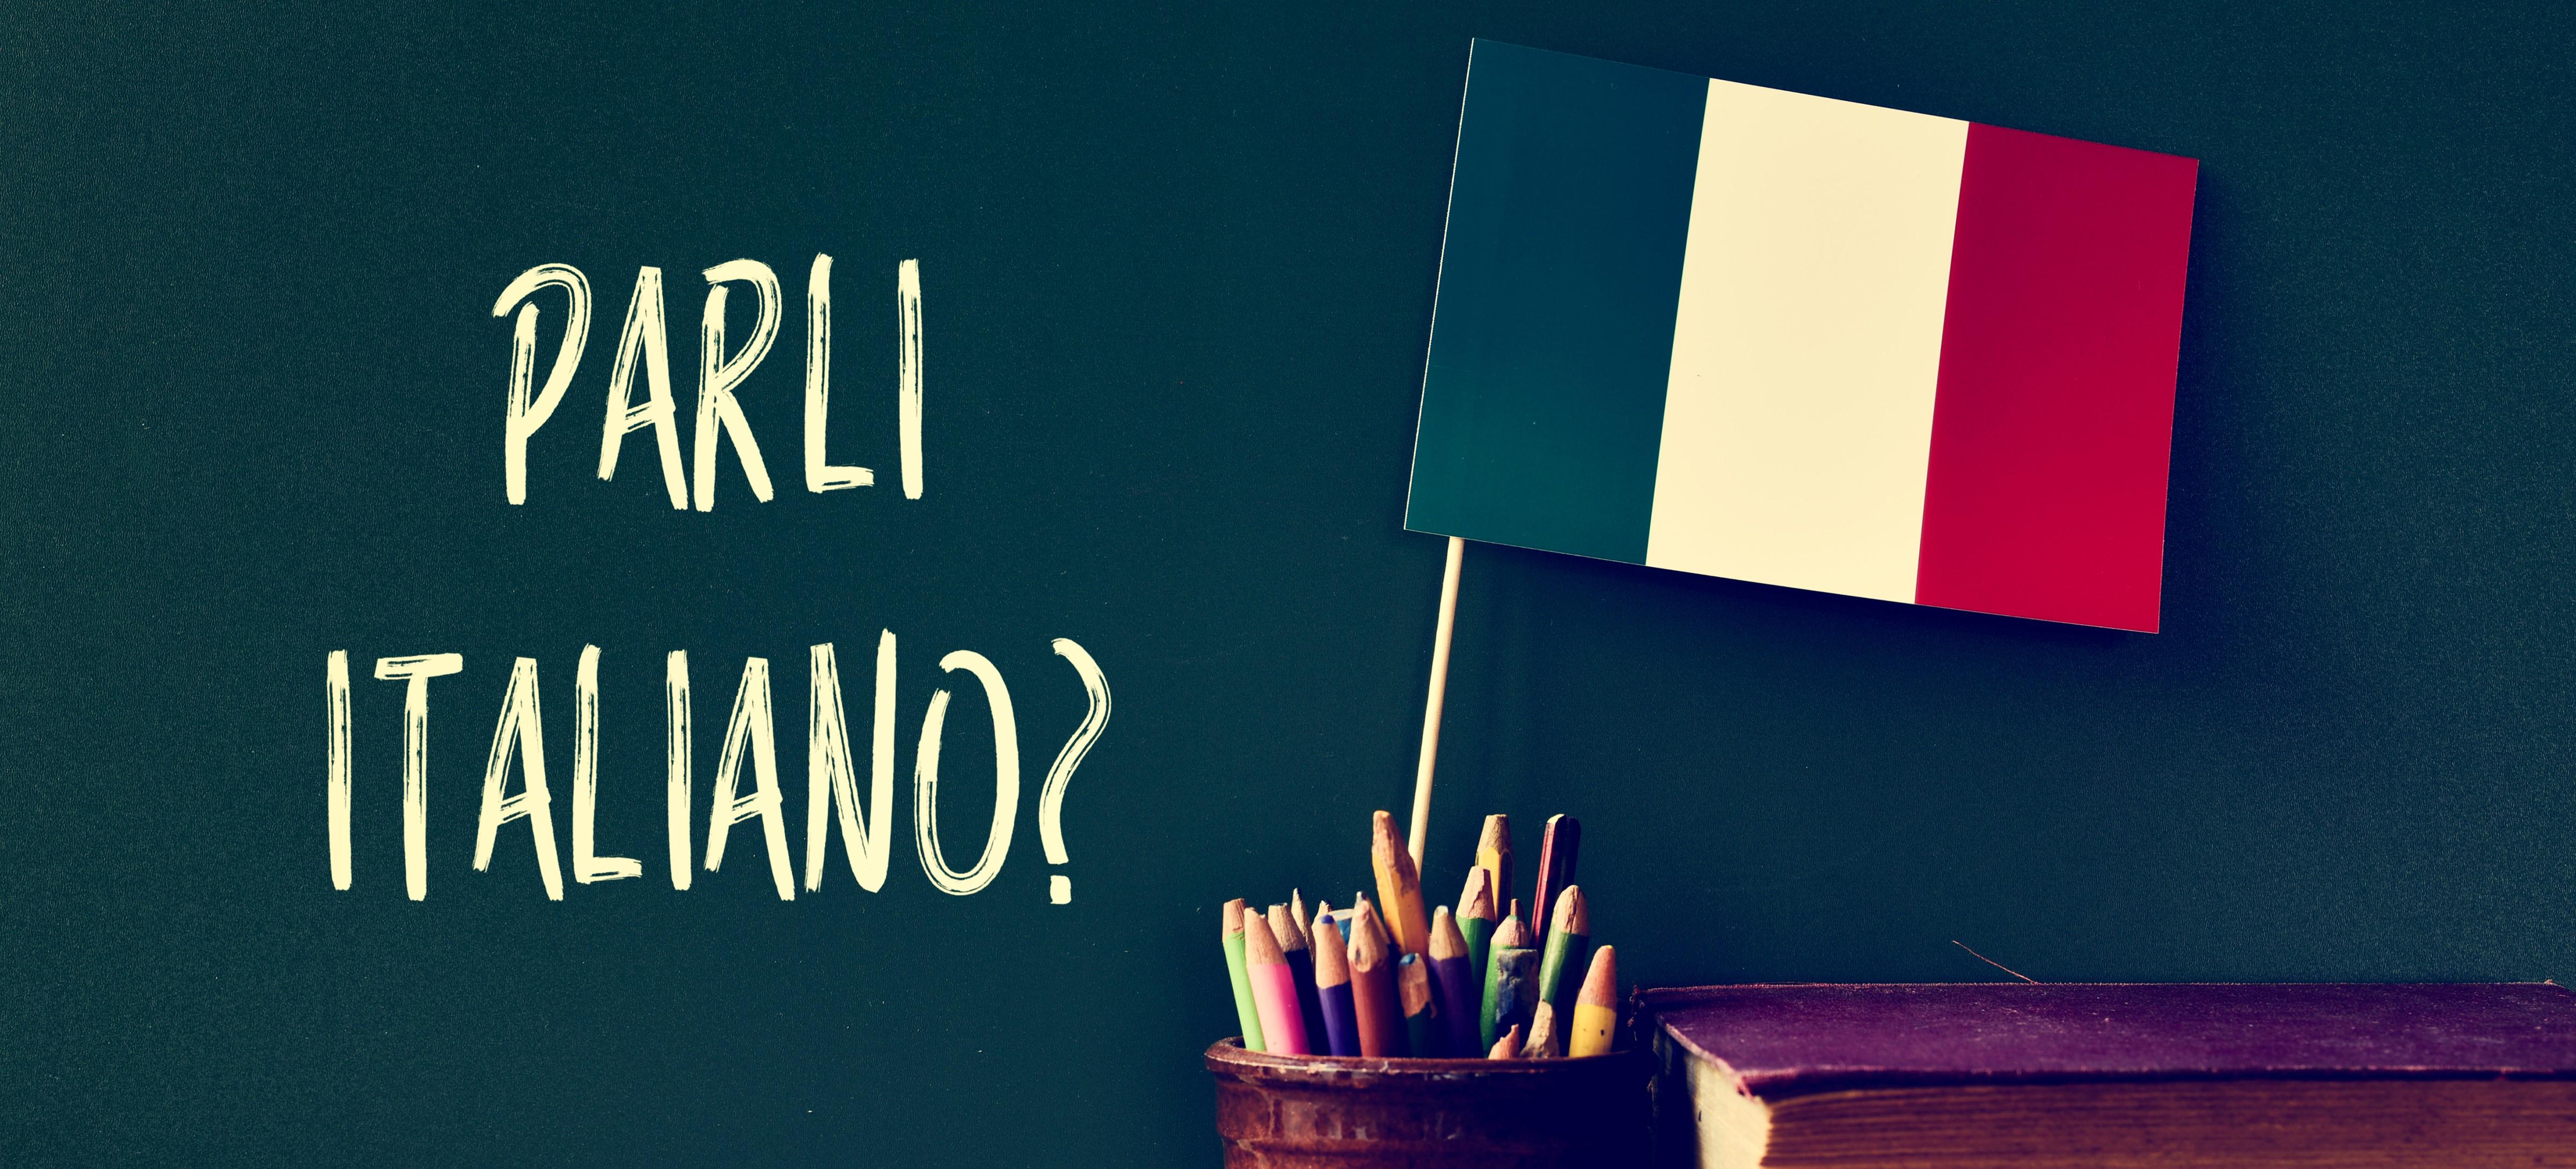 школа итальнского языка